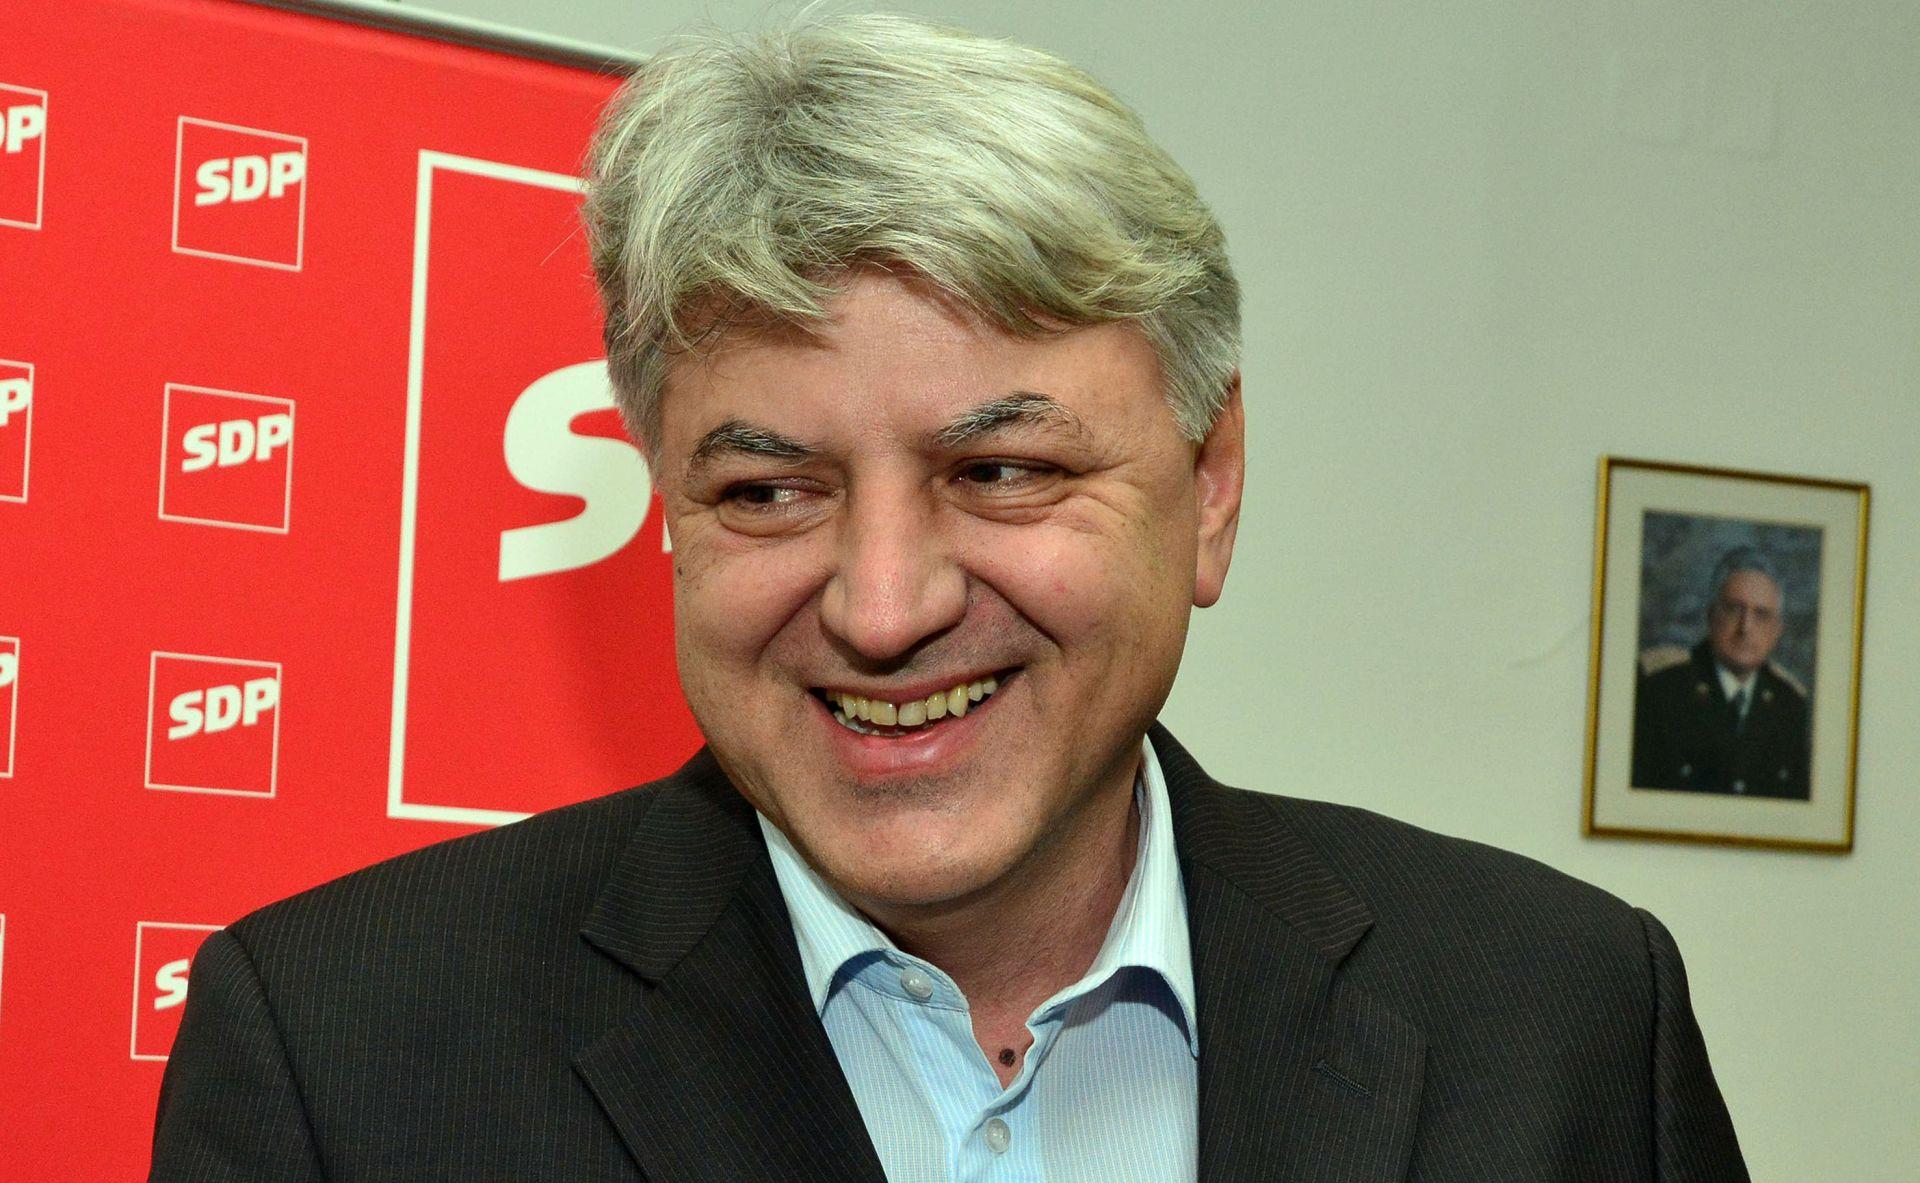 Komadina s riječkim SDP-ovcima: Za bolji i snažniji SDP koji okuplja